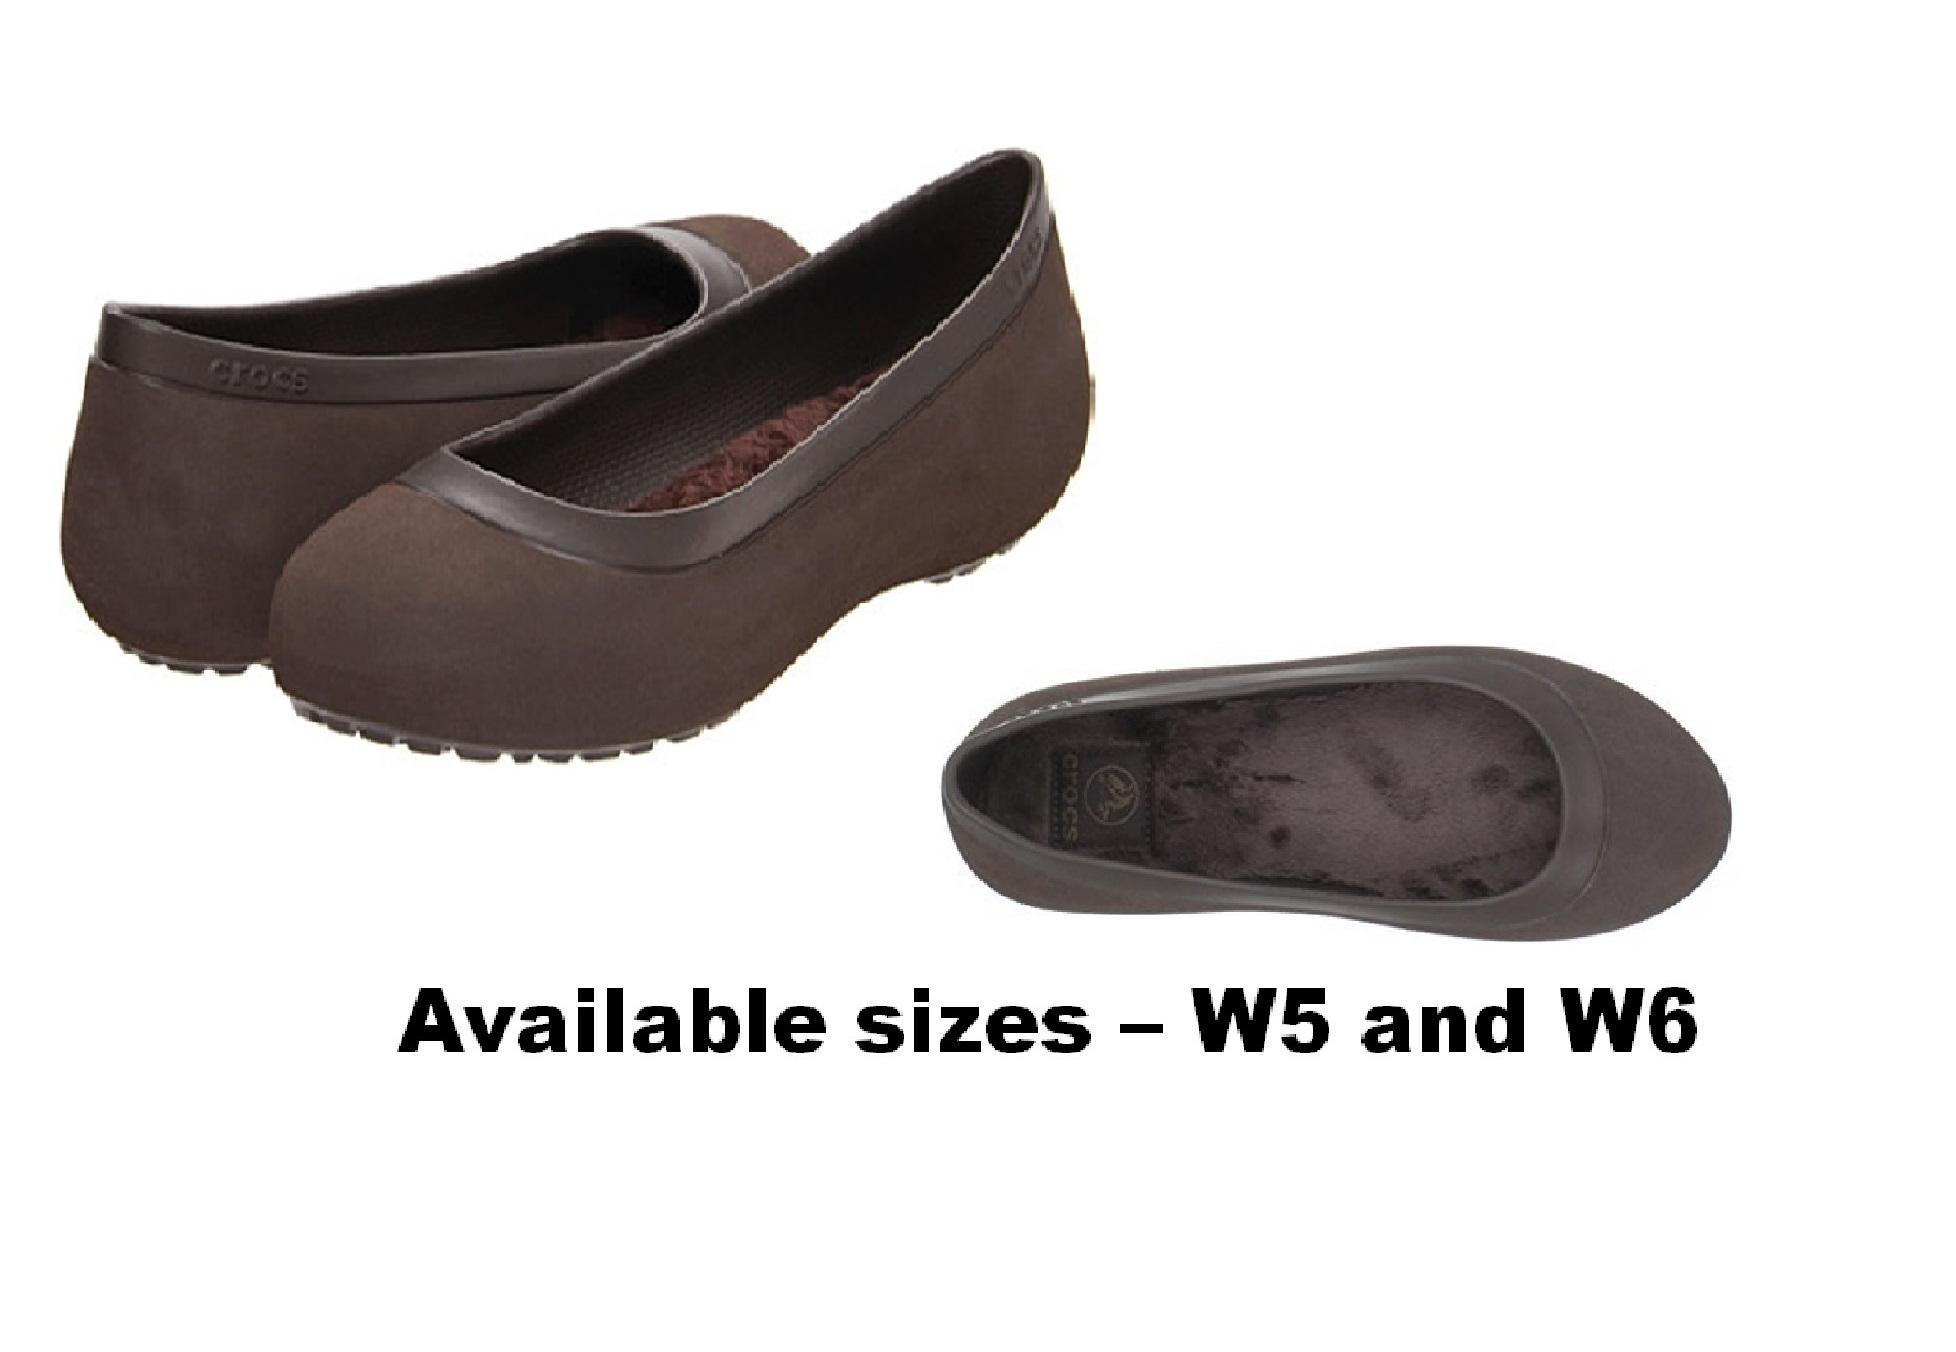 067541999e7c9 Womens Ballet Shoes for sale - Ballet Flats online brands